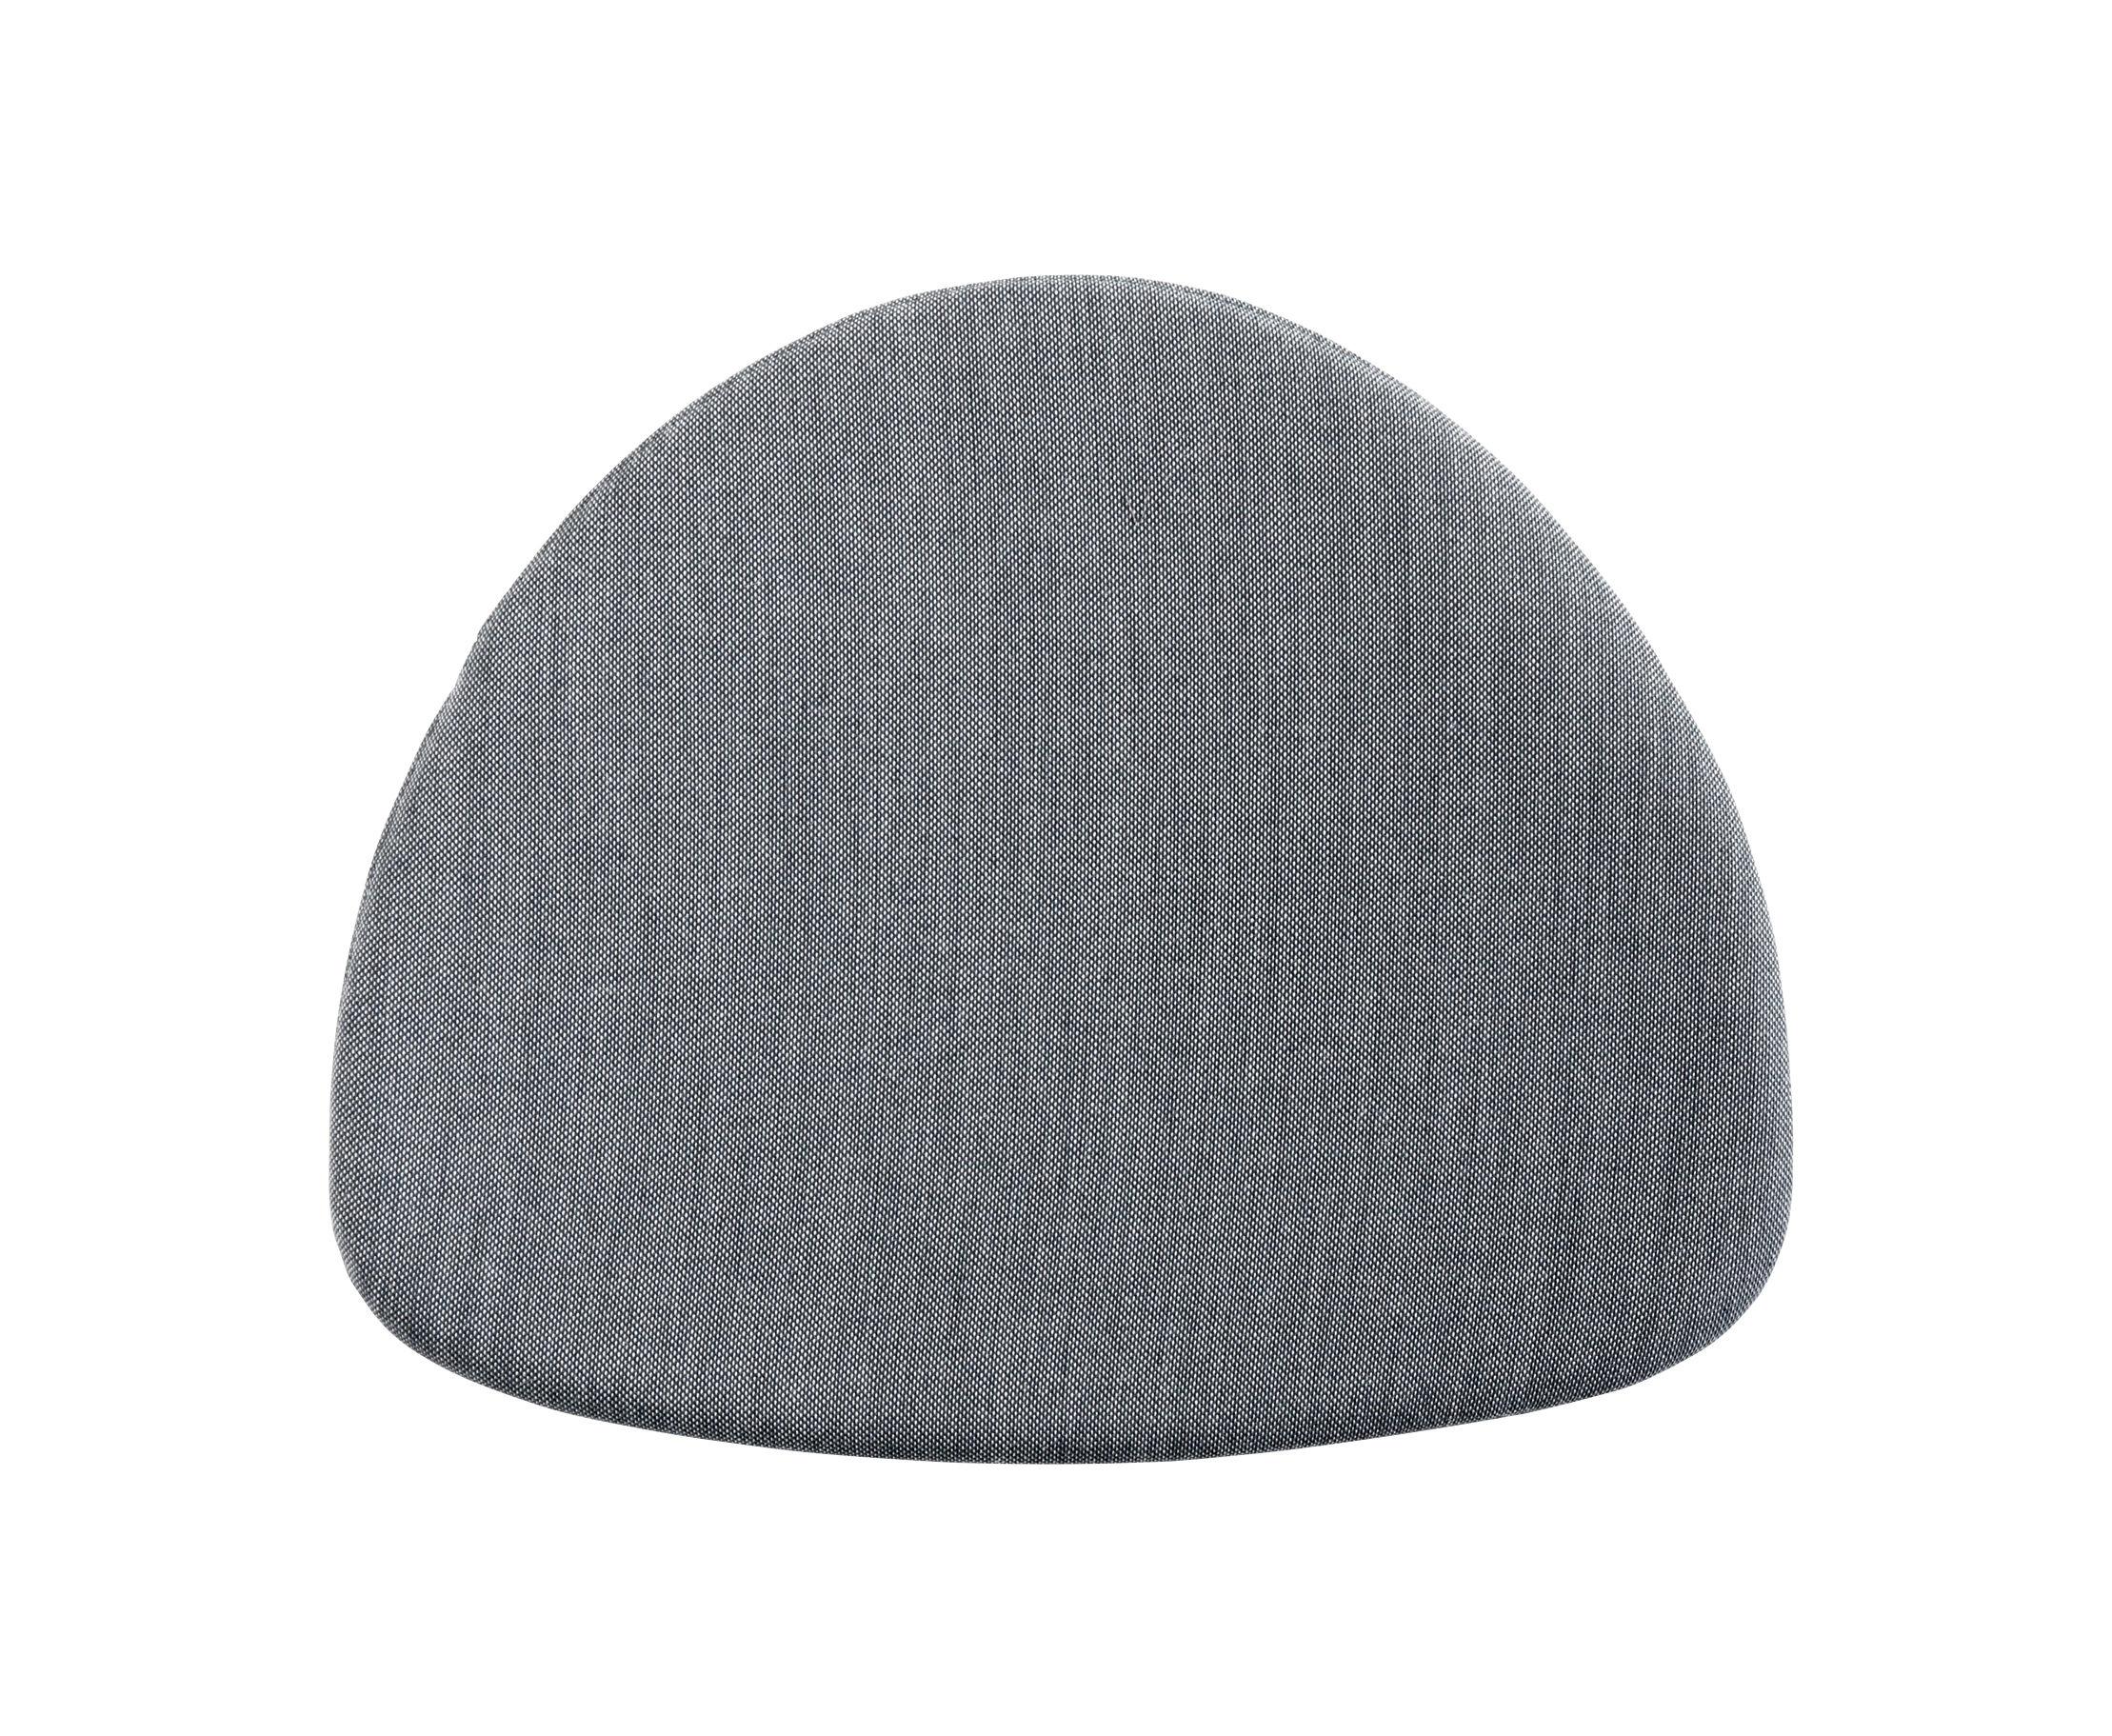 Déco - Coussins - Coussin d'assise / Pour chaise J104 - Hay - Gris foncé - Tissu Surface